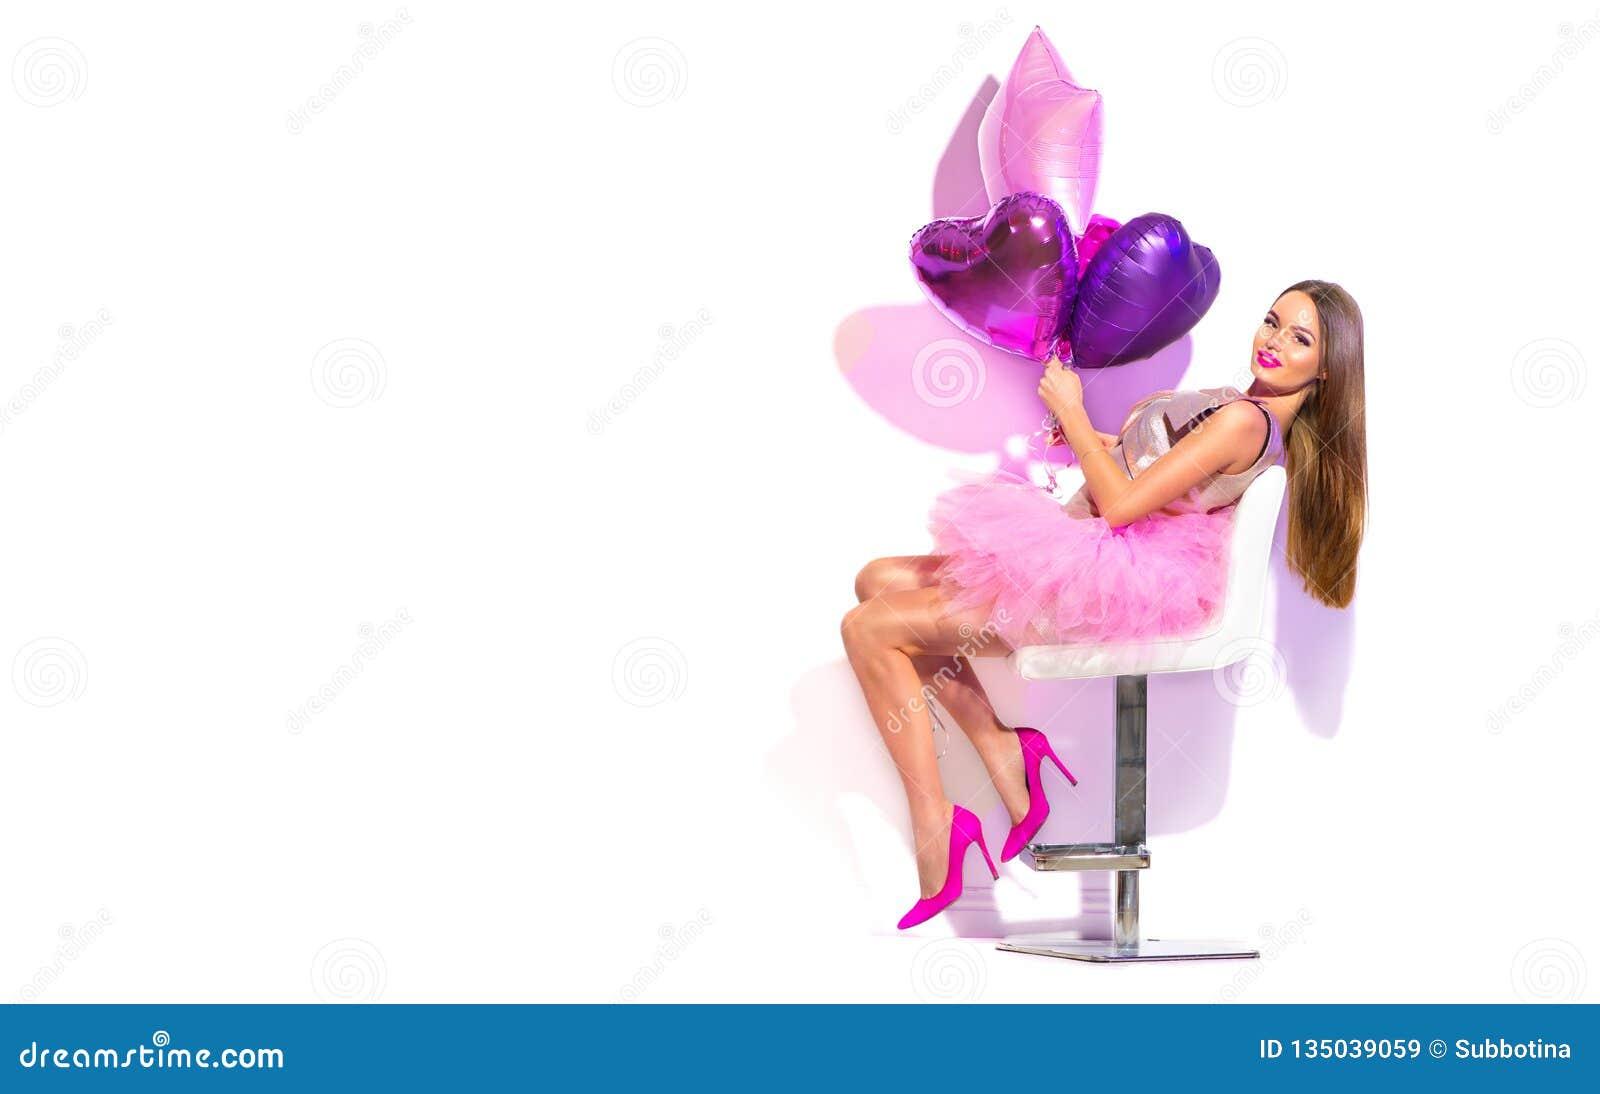 Девушка партии фотомодели красоты с сердцем сформировала представлять воздушных шаров, сидя на стуле День рождения, день Святого